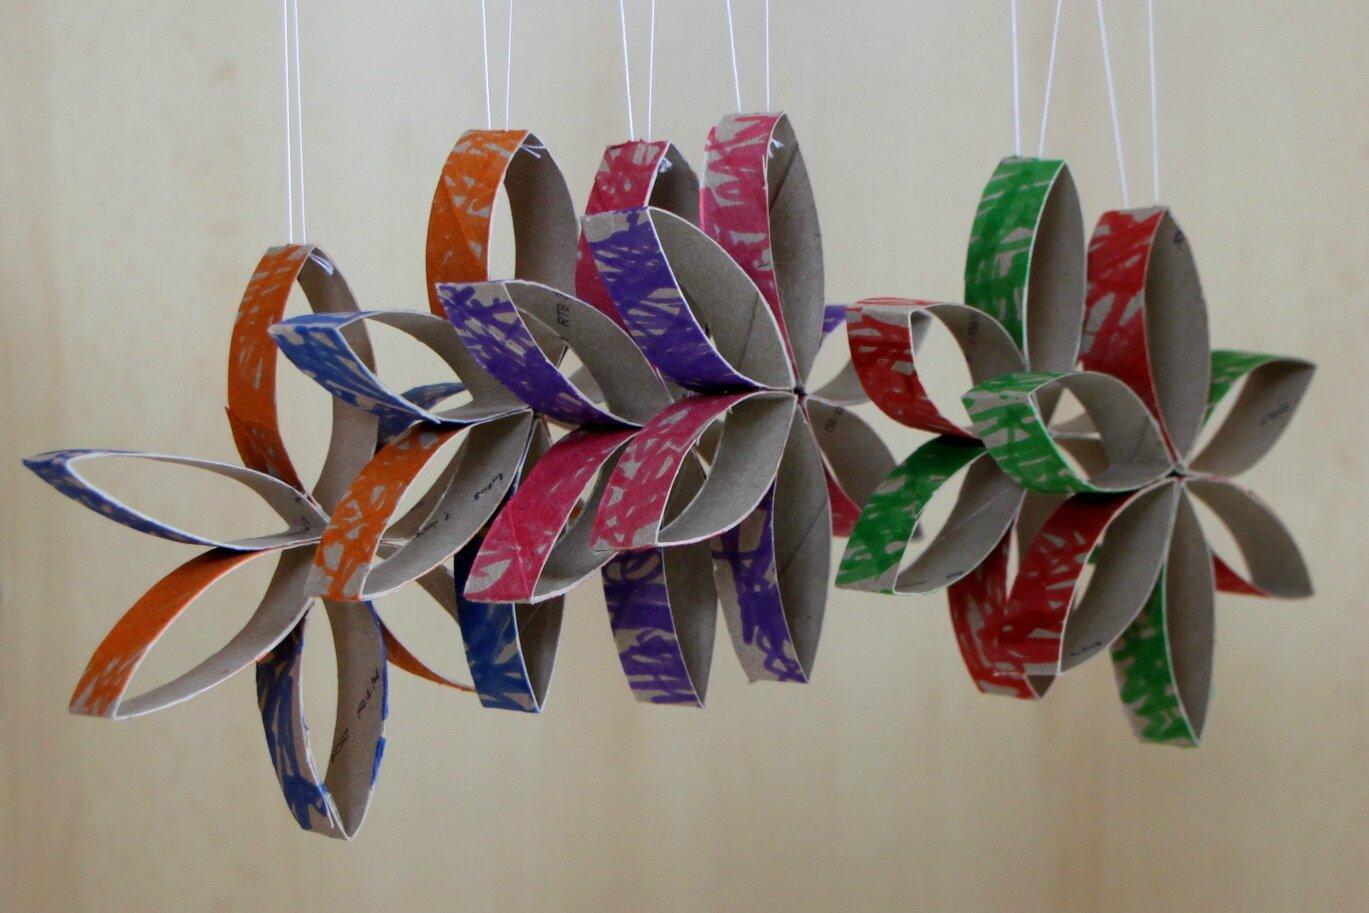 #73342C Des étoiles Pour Le Sapin Les Loustics 6421 décoration noel fait maison recup 1369x913 px @ aertt.com